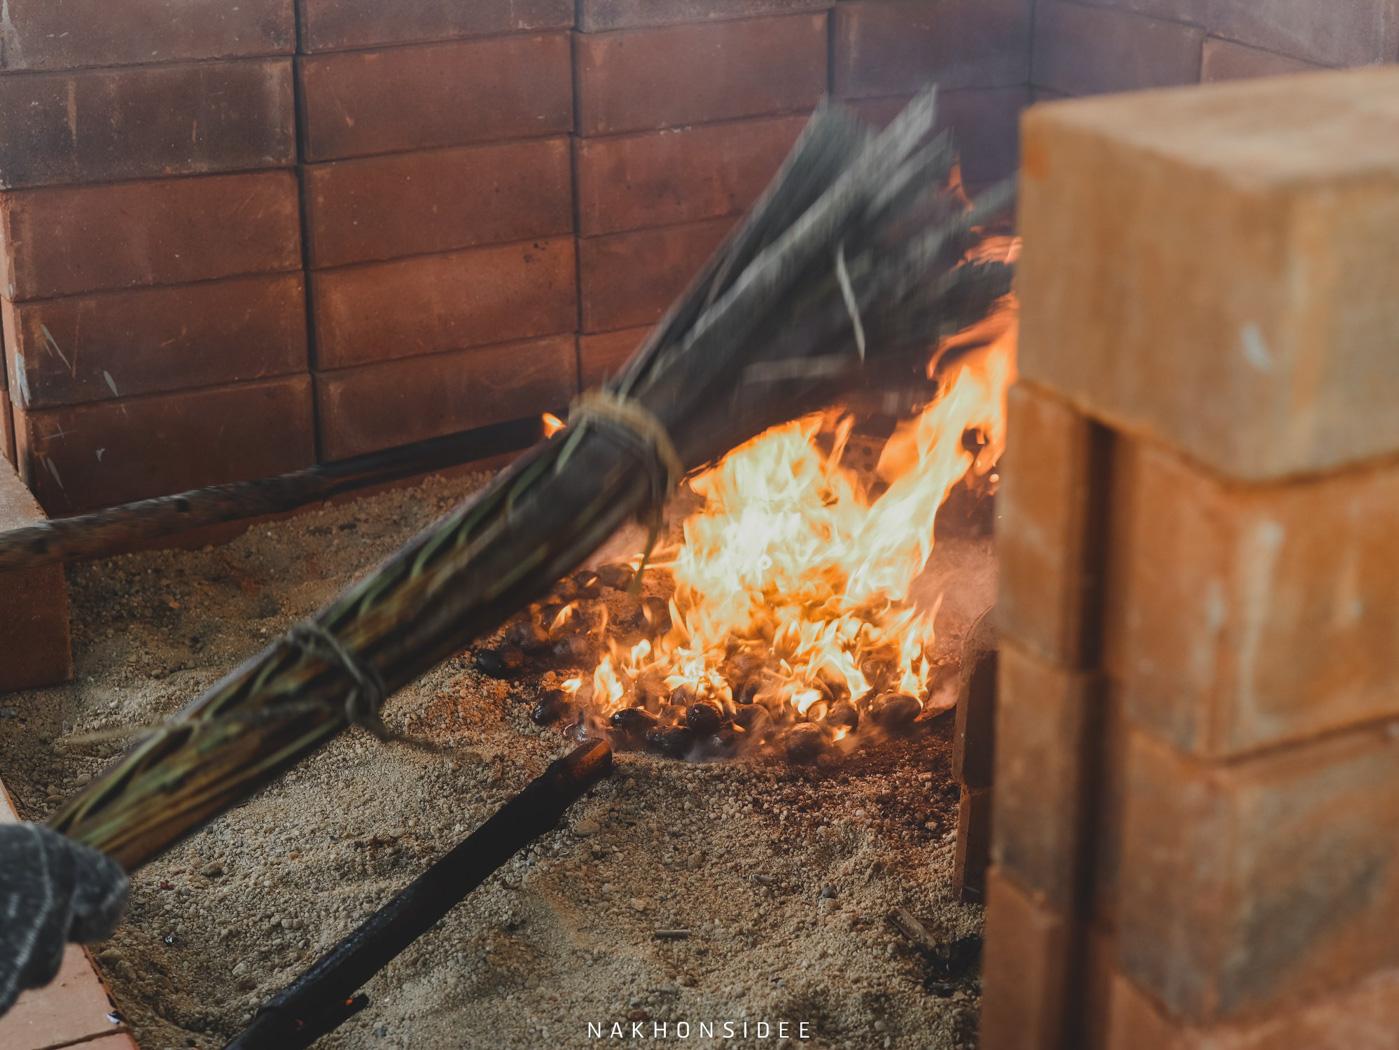 เมื่อถึงเวลา และอุณหภูมิที่เหมาะสม ก็ดับไฟครับ เพราะสุกแล้วว มะม่วงหิมพานต์,แม่เฒ่าเอียด,ใกล้วัดเจดีย์,นครศรี,ท่าศาลา,กลางป่า,กิจกรรม